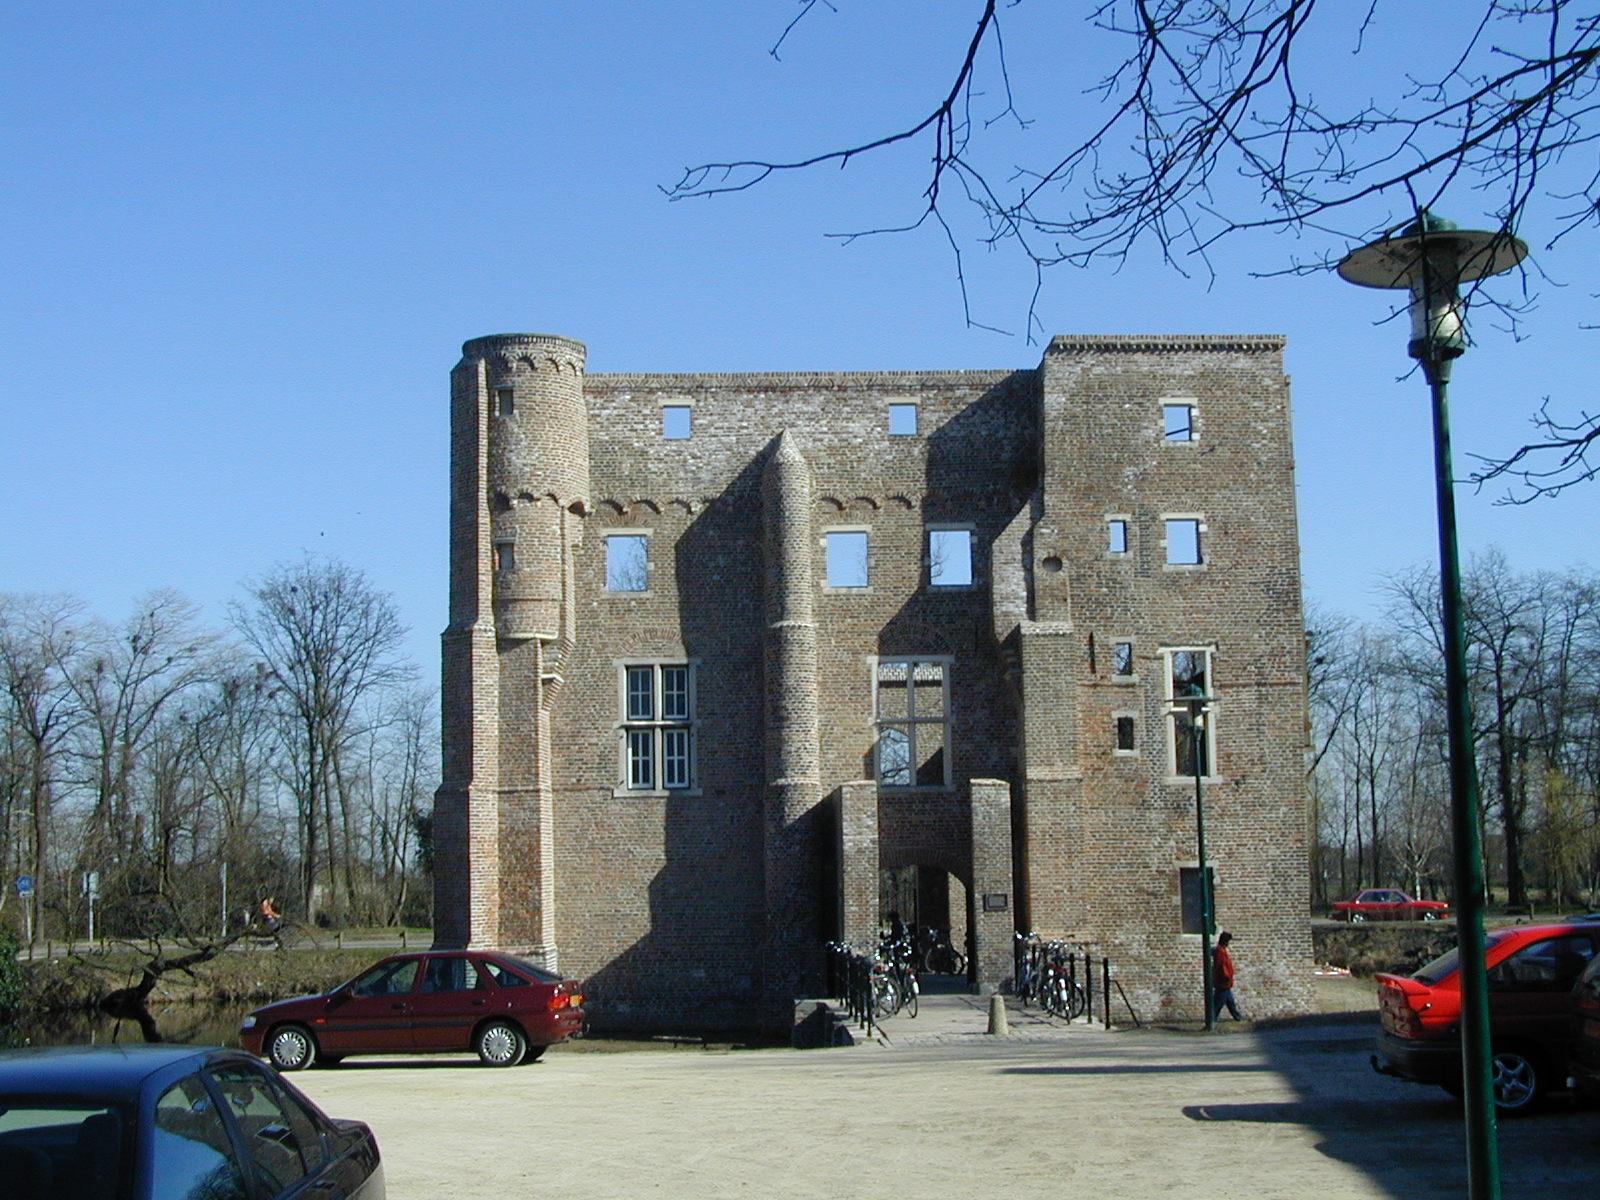 Ru ne groot kasteel ook huis te deurne in deurne monument - Fotos van huis ...